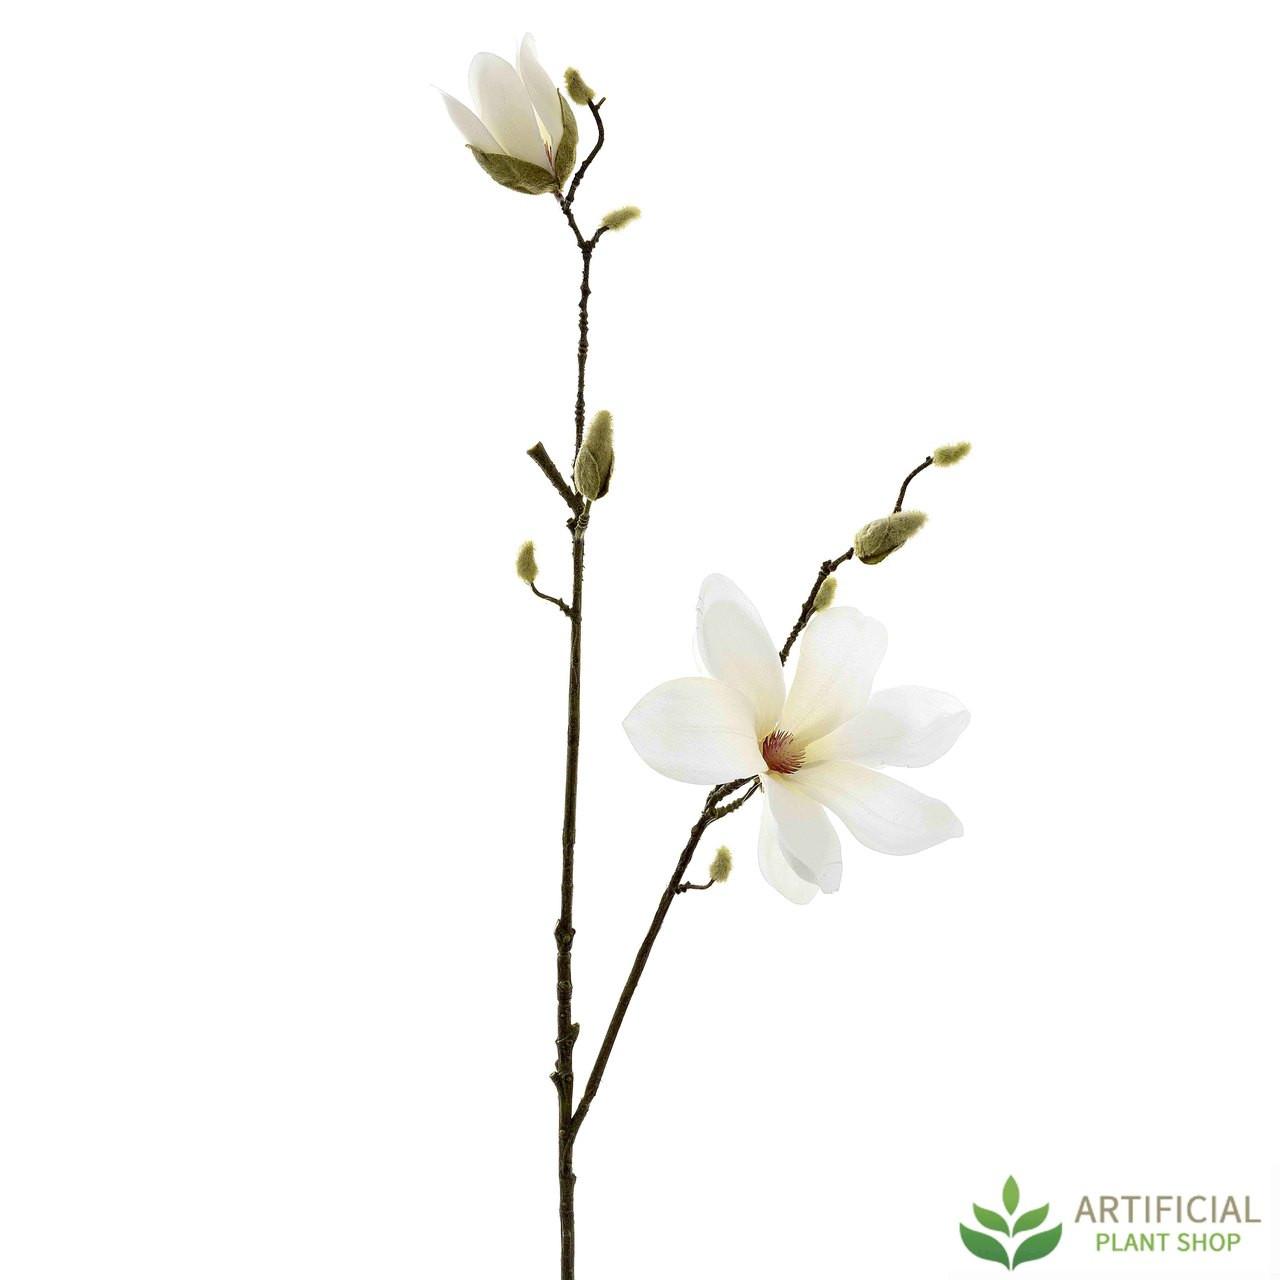 White Magnolia Tree Spray